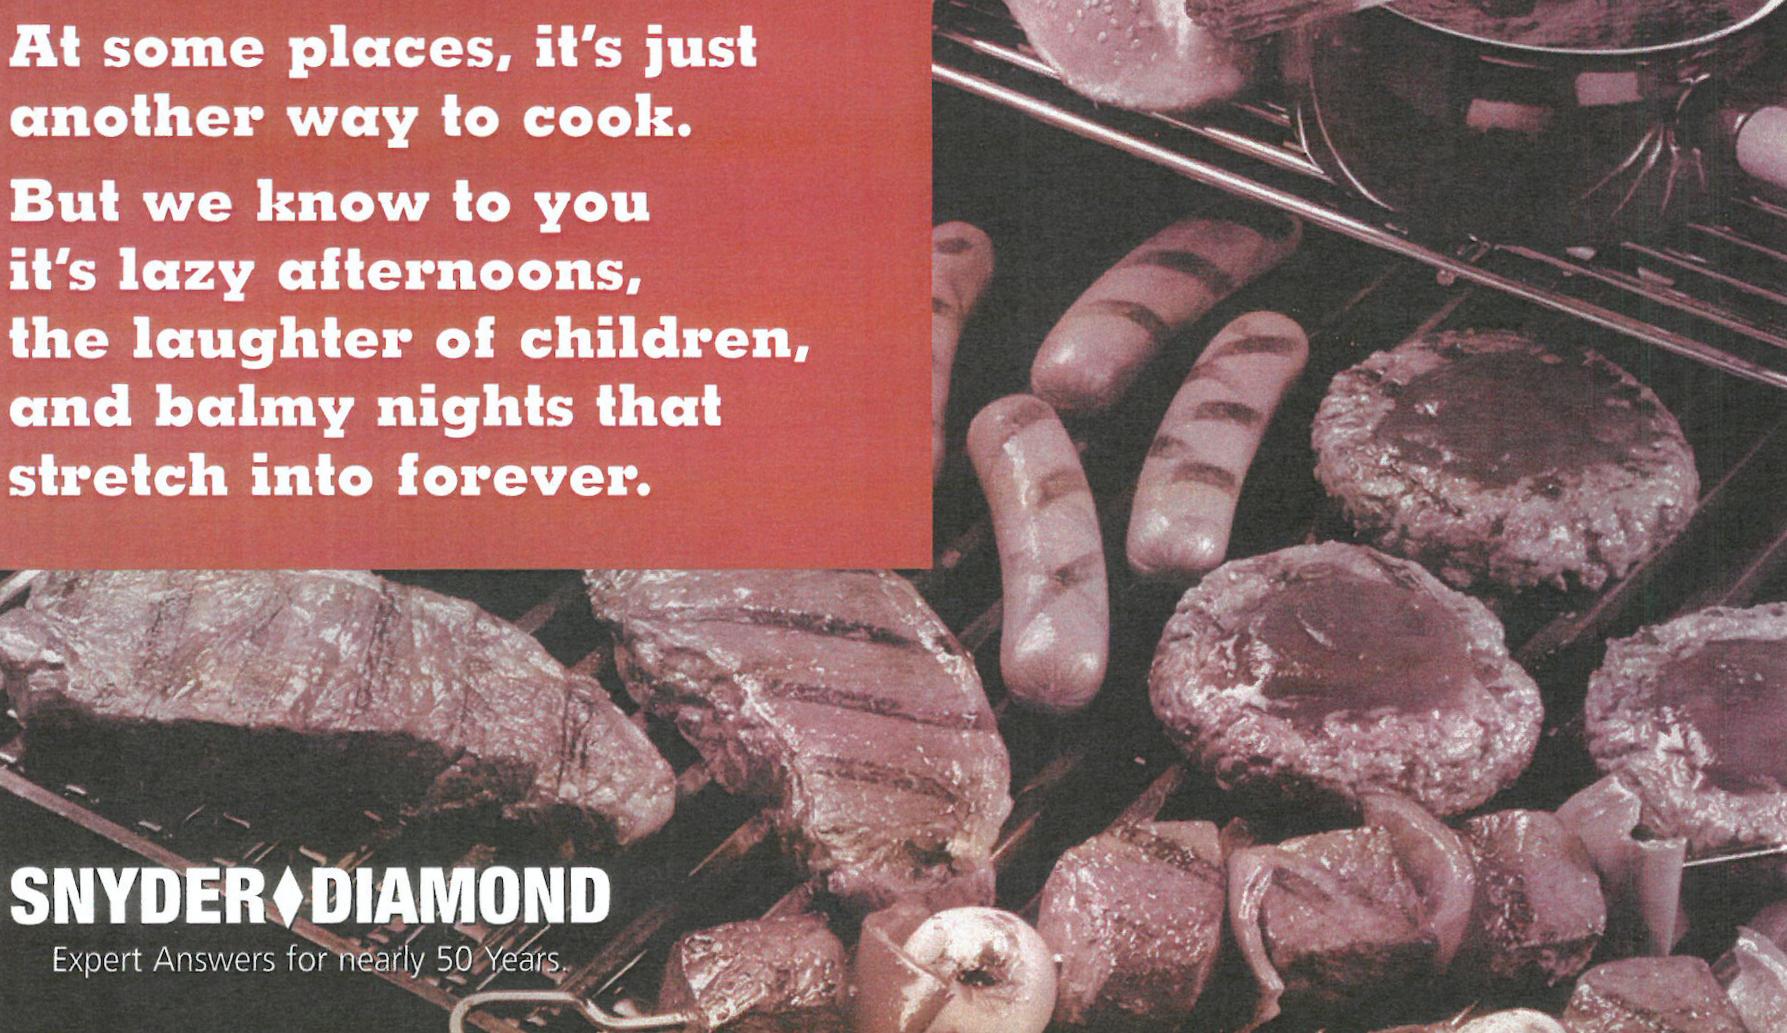 vintage grill.jpg